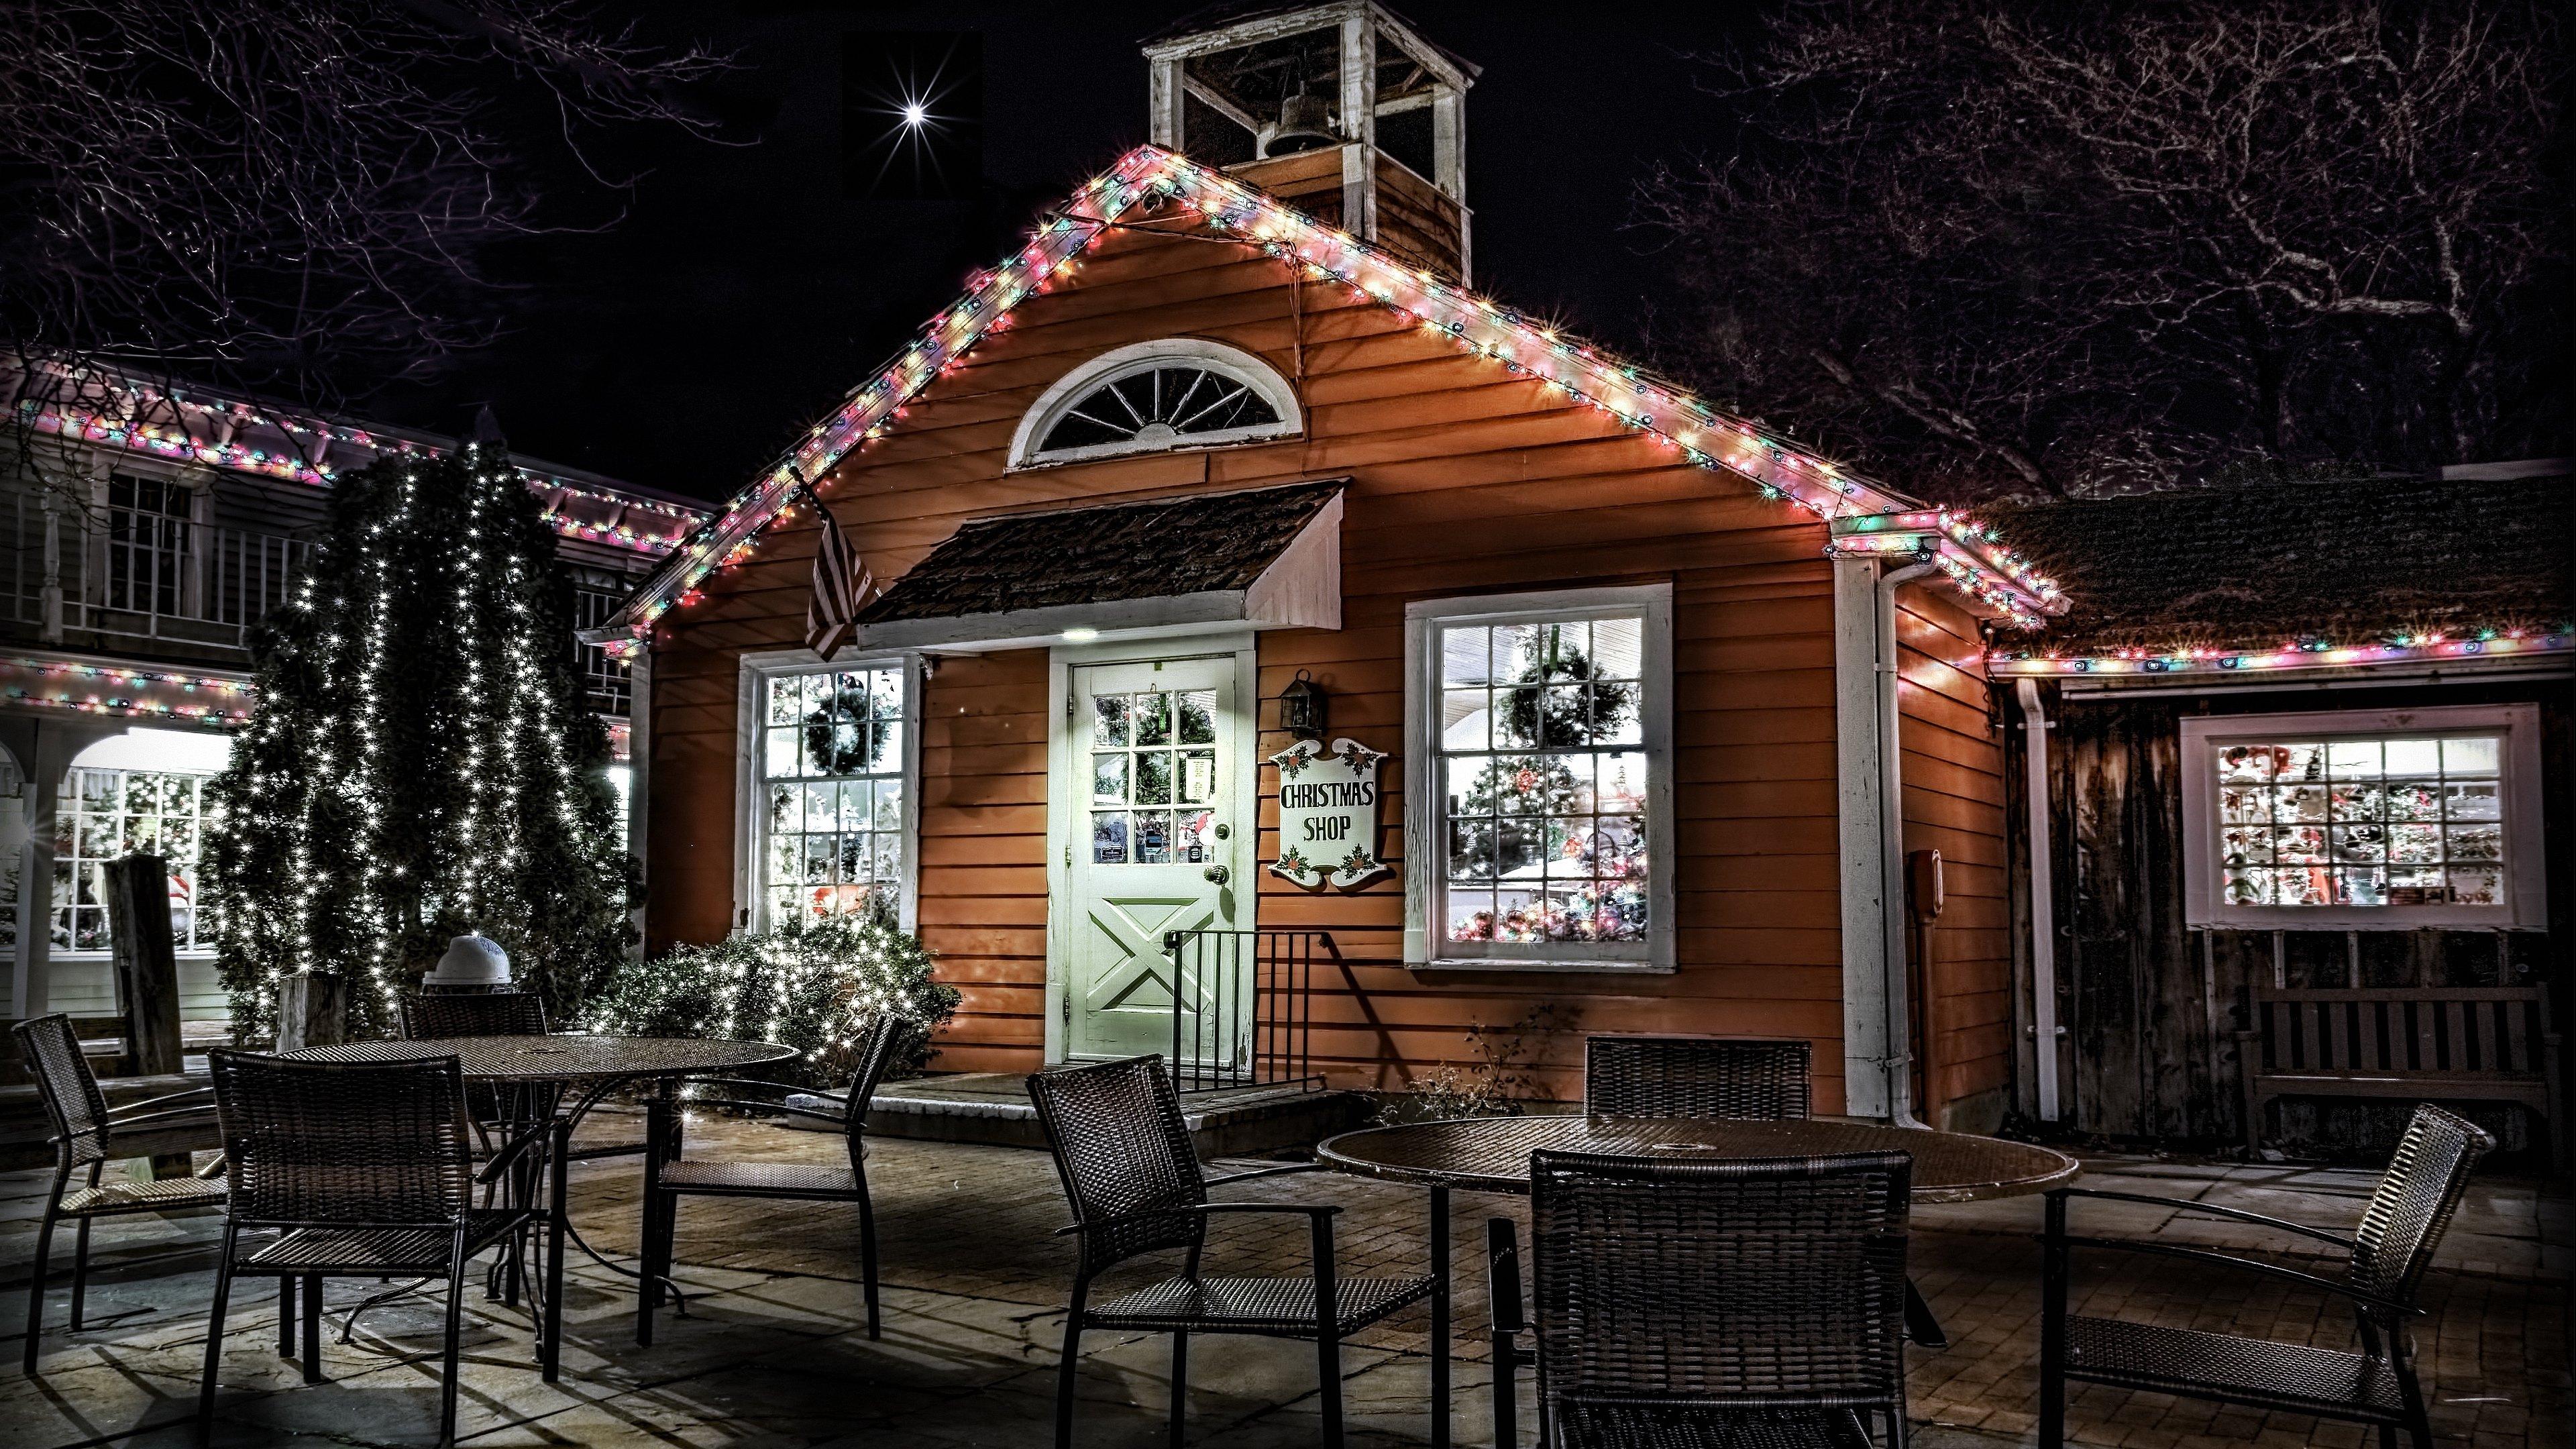 Weihnachtsbilder Kamin.Die Schönsten Weihnachtsbilder Kostenlos